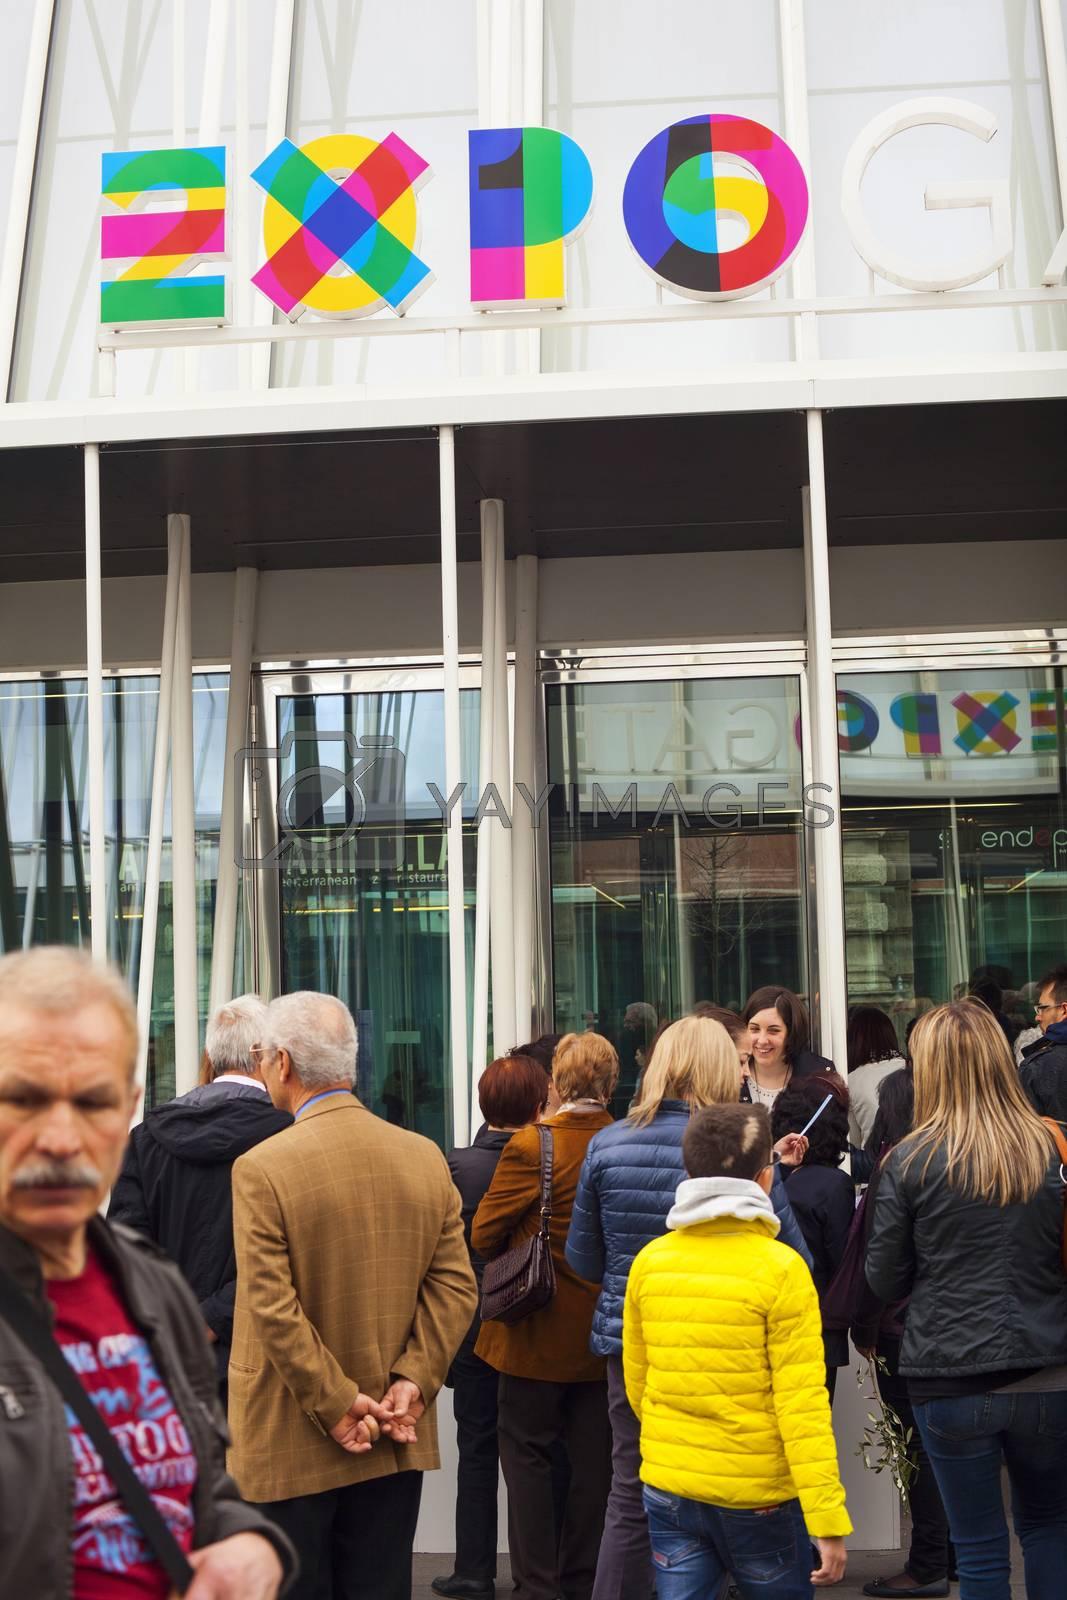 Milan Expo by bepsimage